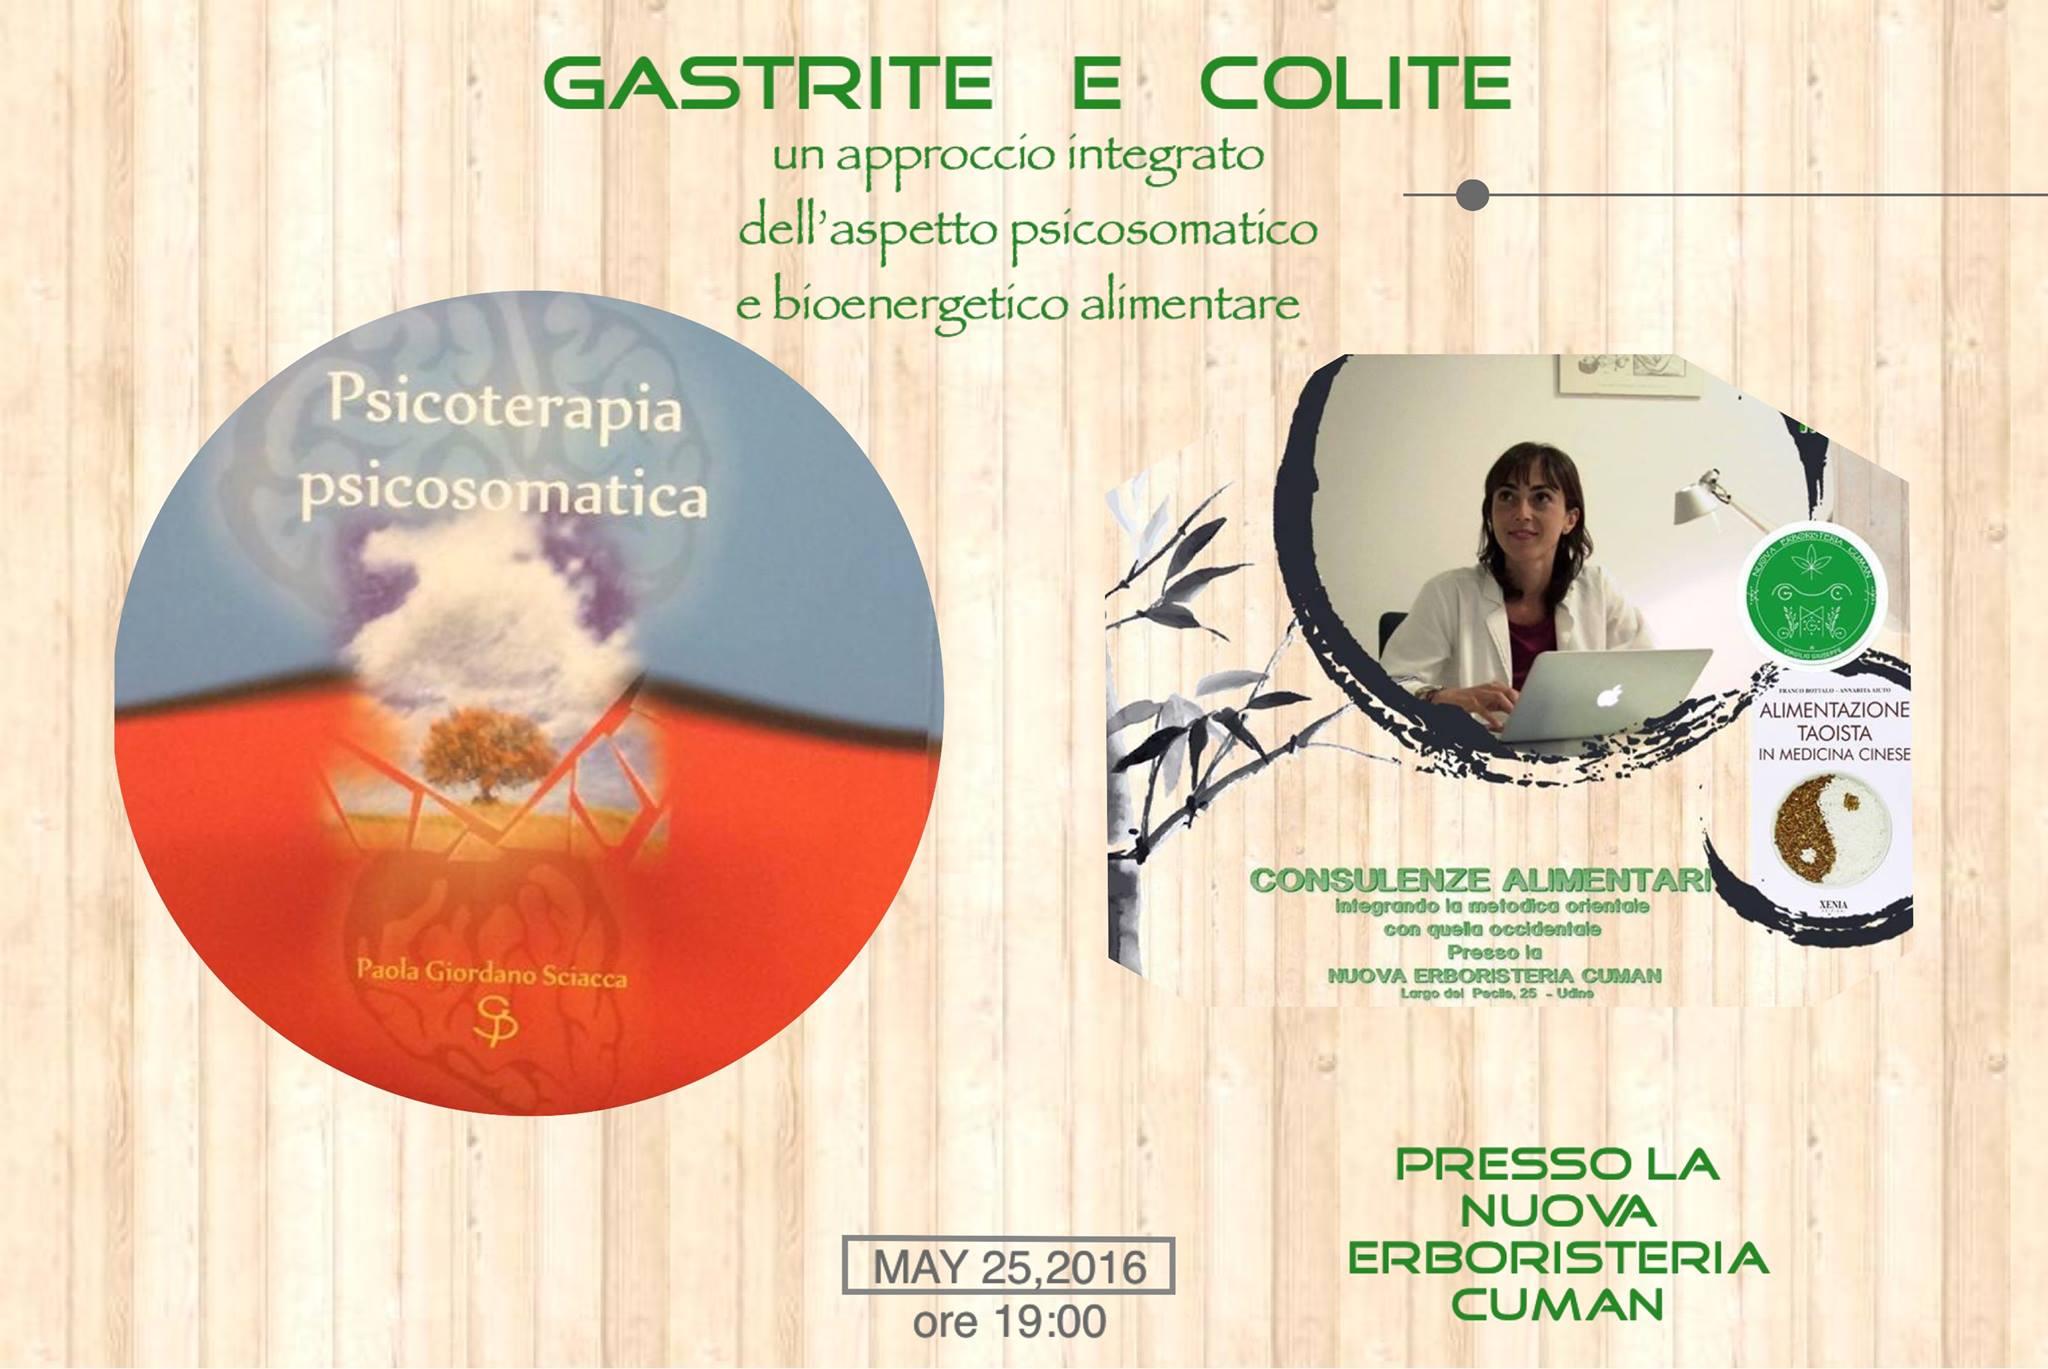 gastrite e colite - incontro a Trieste